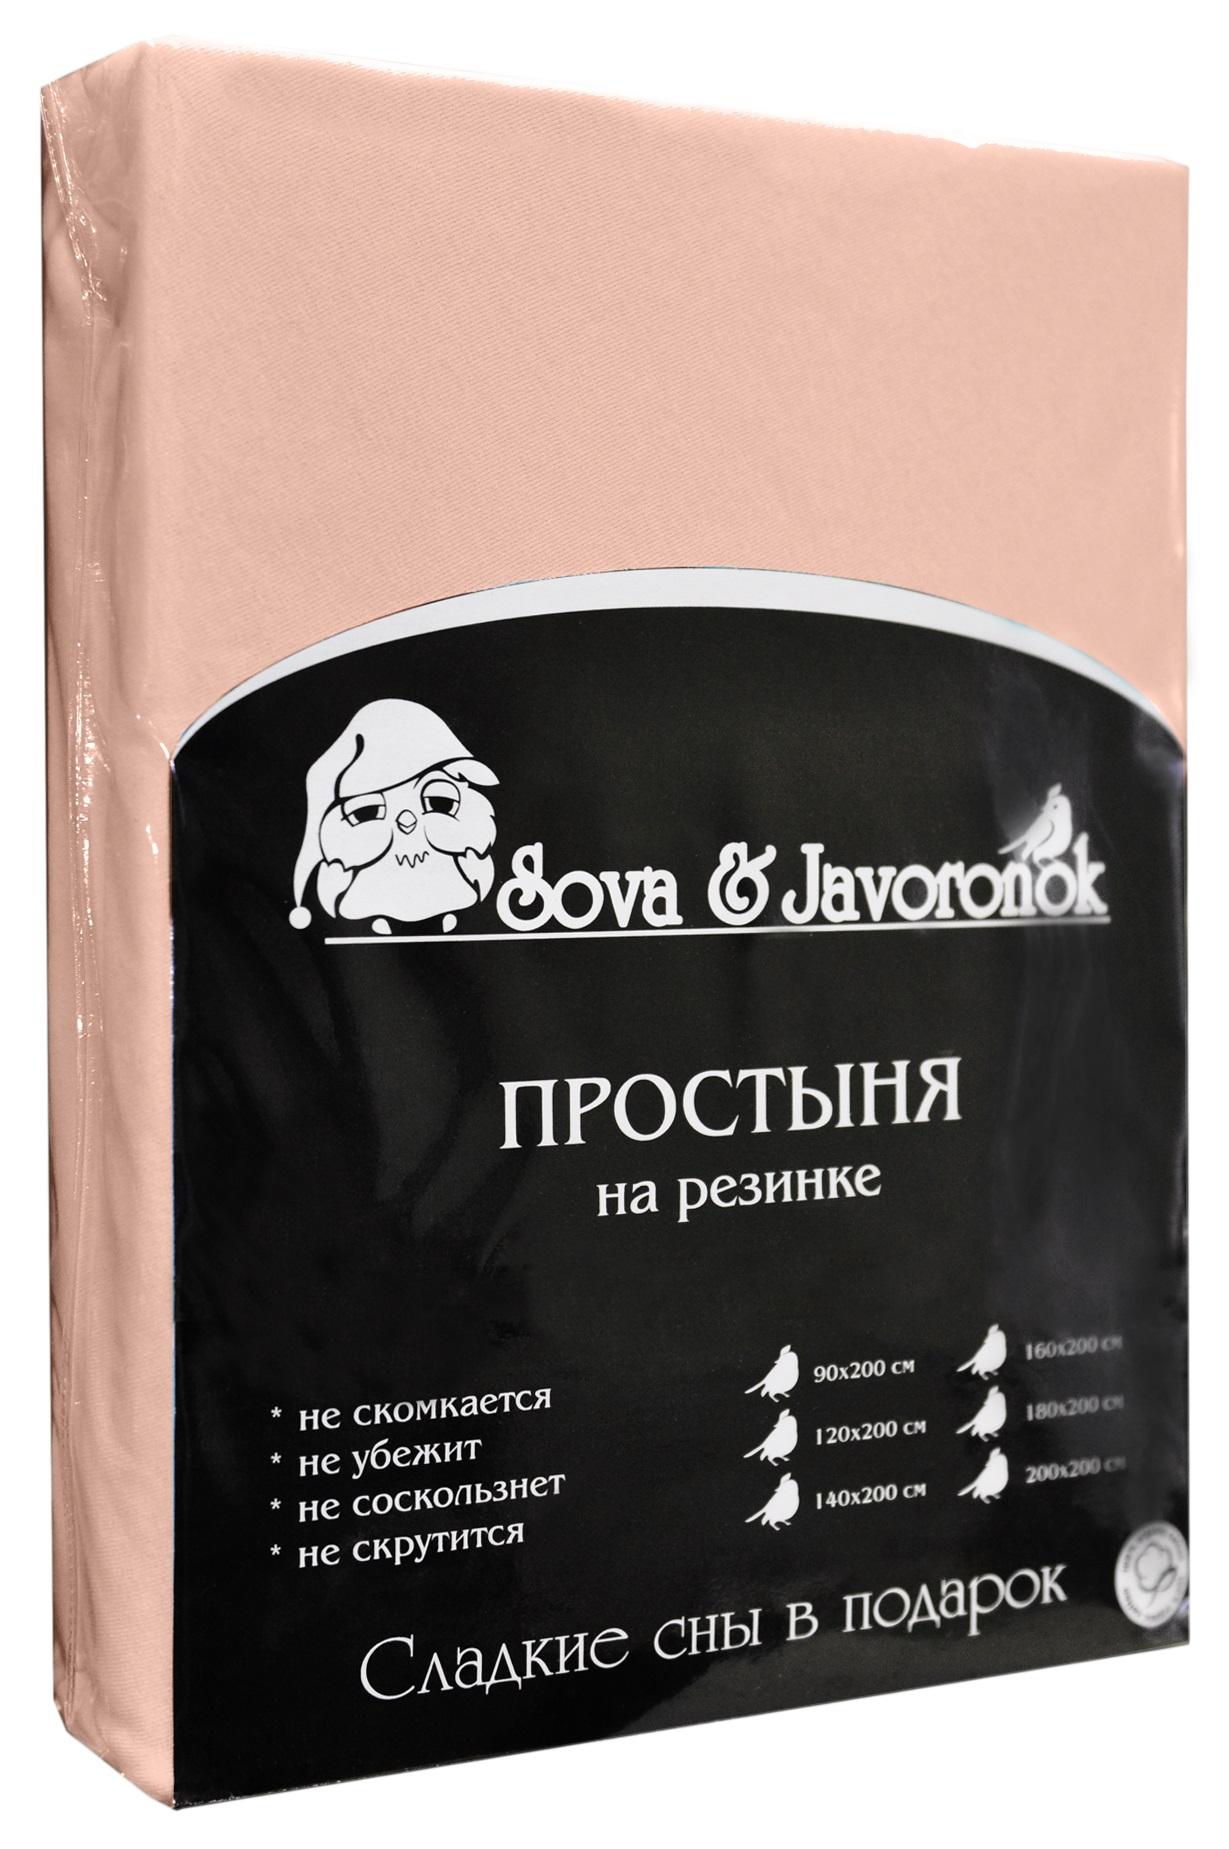 Простыня на резинке Sova & Javoronok, цвет: персиковый, 140 см х 200 см08030115077Простыня на резинке Sova & Javoronok, изготовленная из трикотажной ткани (100% хлопок), будет превосходно смотреться с любыми комплектами белья. Хлопчатобумажный трикотаж по праву считается одним из самых качественных, прочных и при этом приятных на ощупь. Его гигиеничность позволяет использовать простыню и в детских комнатах, к тому же 100%-ый хлопок в составе ткани не вызовет аллергии. У трикотажного полотна очень интересная структура, немного рыхлая за счет отсутствия плотного переплетения нитей и наличия особых петель, благодаря этому простыня Сова и Жаворонок отлично пропускает воздух и способствует его постоянной циркуляции. Поэтому ваша постель будет всегда оставаться свежей. Но главное и, пожалуй, самое известное свойство трикотажа - это его великолепная растяжимость, поэтому эта ткань и была выбрана для натяжной простыни на резинке. Простыня прошита резинкой по всему периметру, что обеспечивает более комфортный отдых, так как она прочно удерживается на матрасе и...